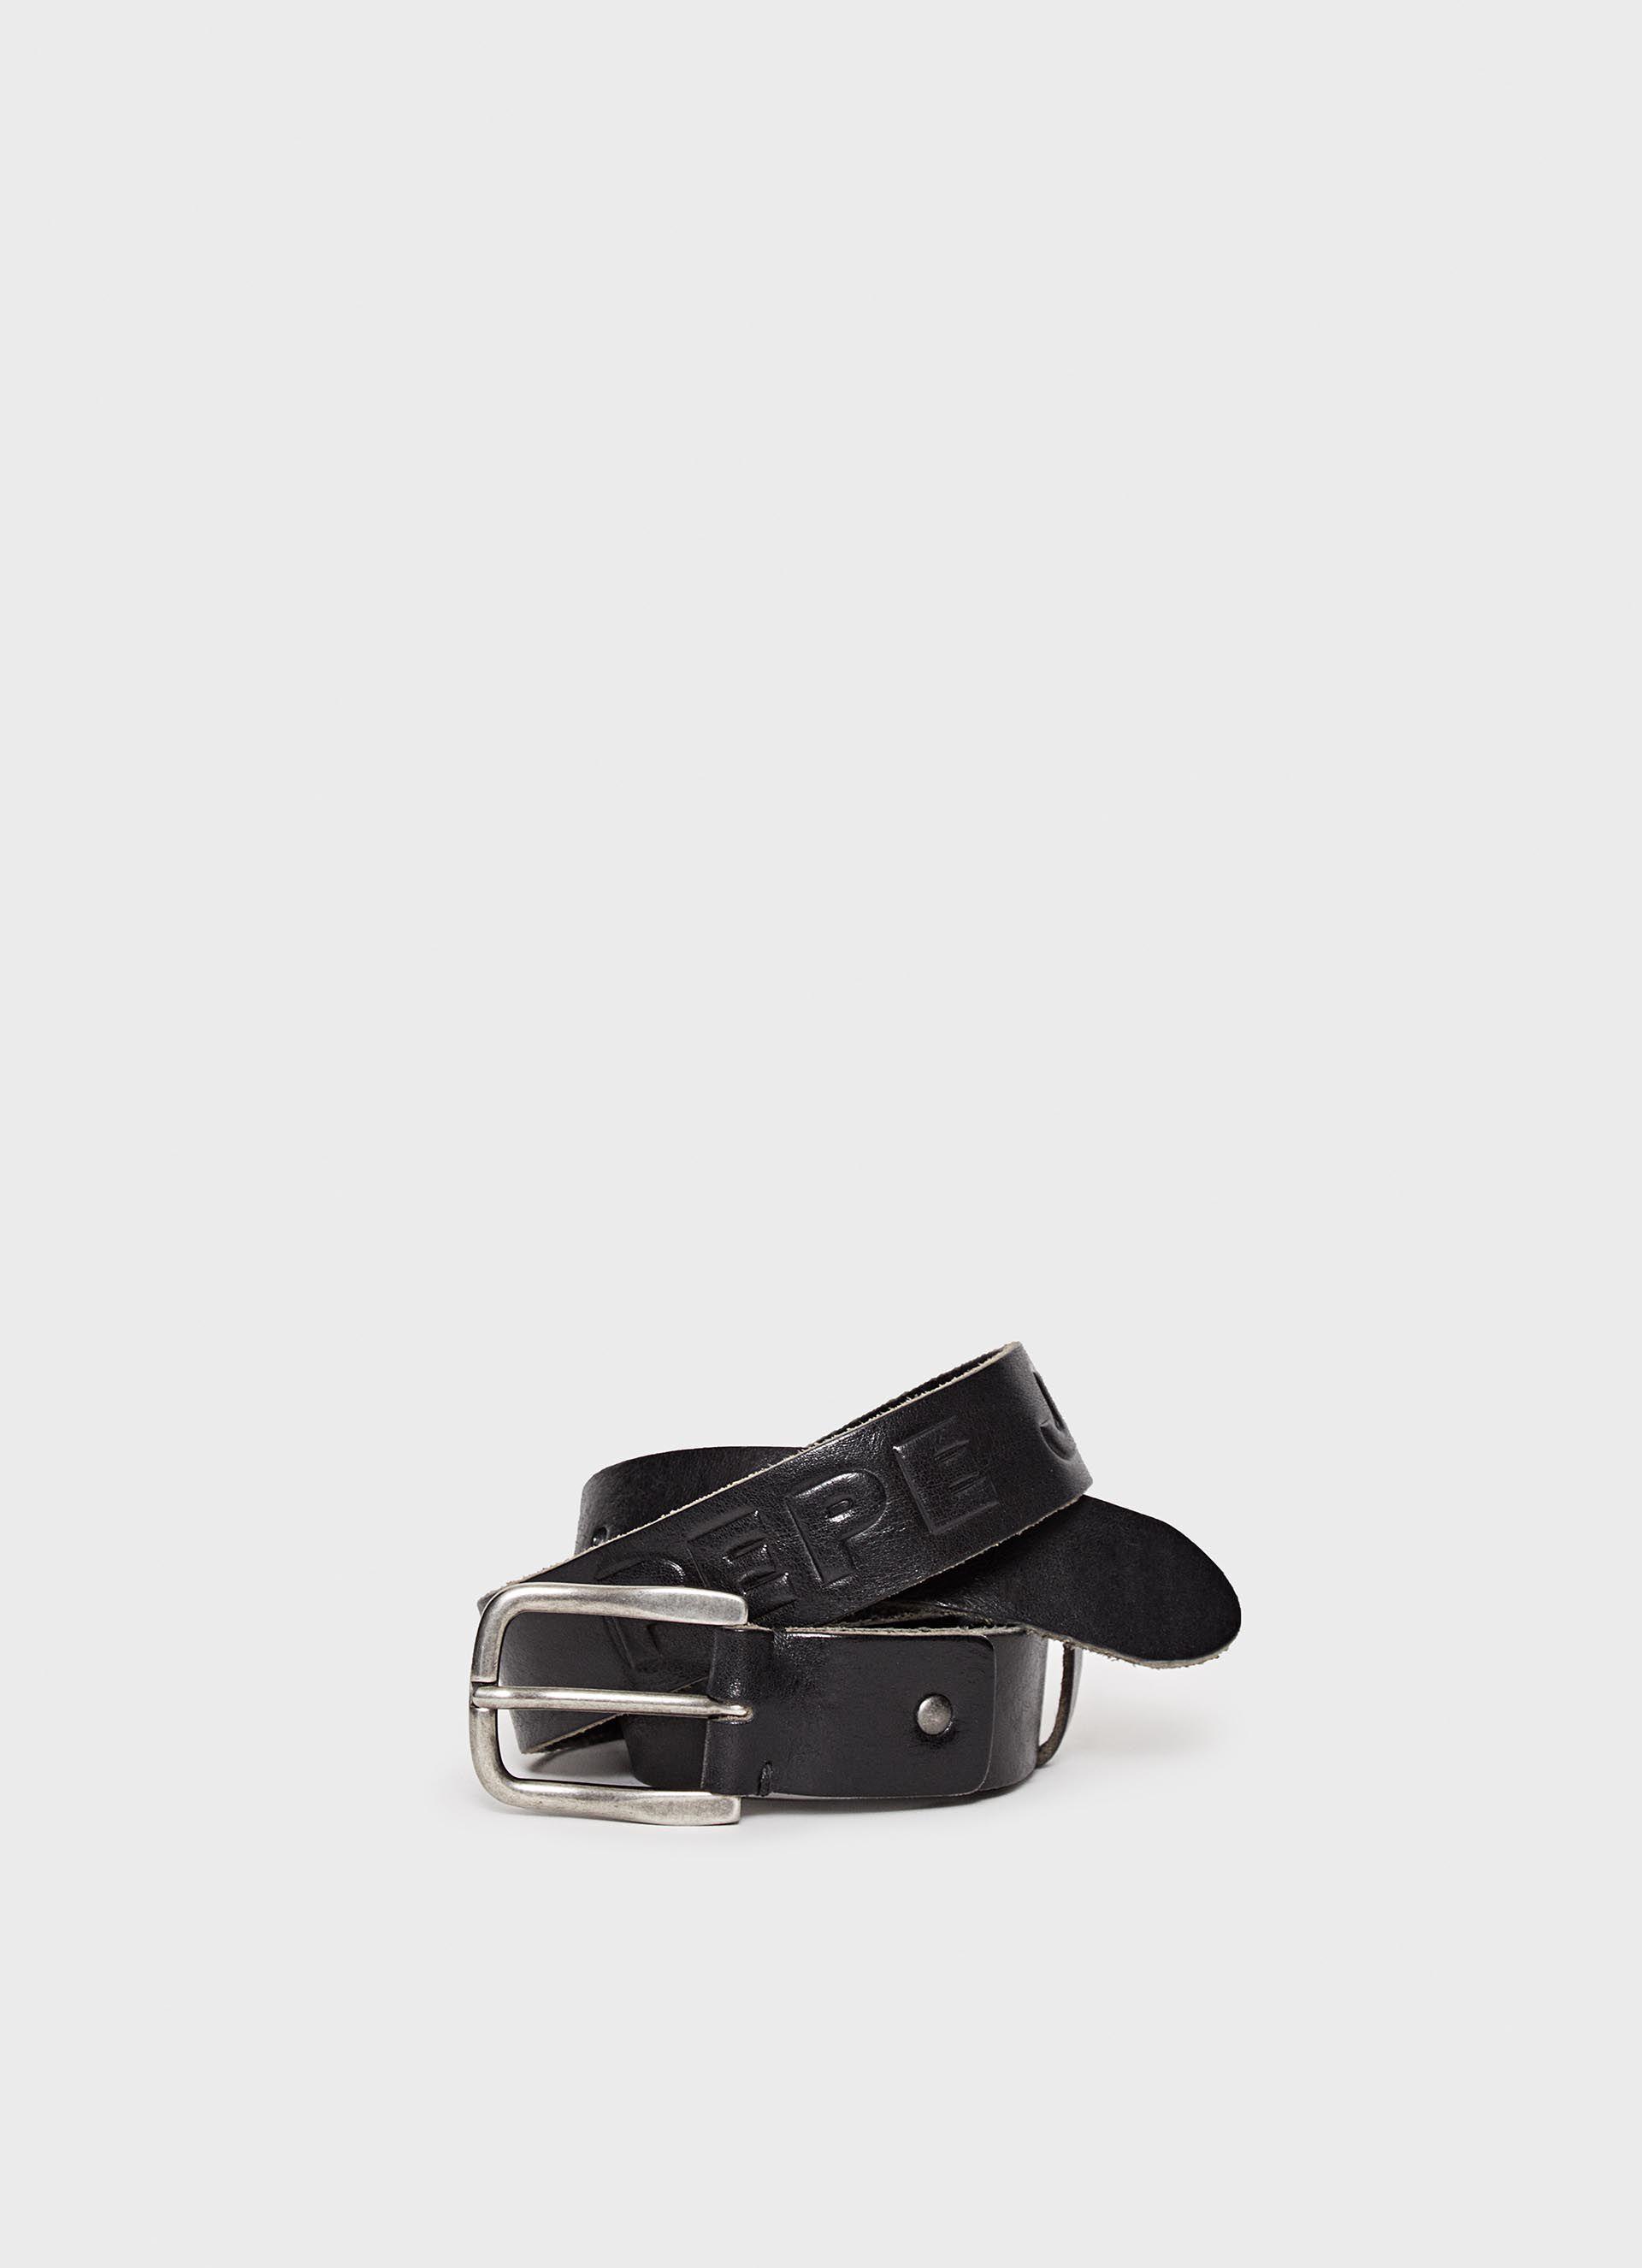 Fino Haworth De Black Large Piel Cinturón PA7CqwYxA